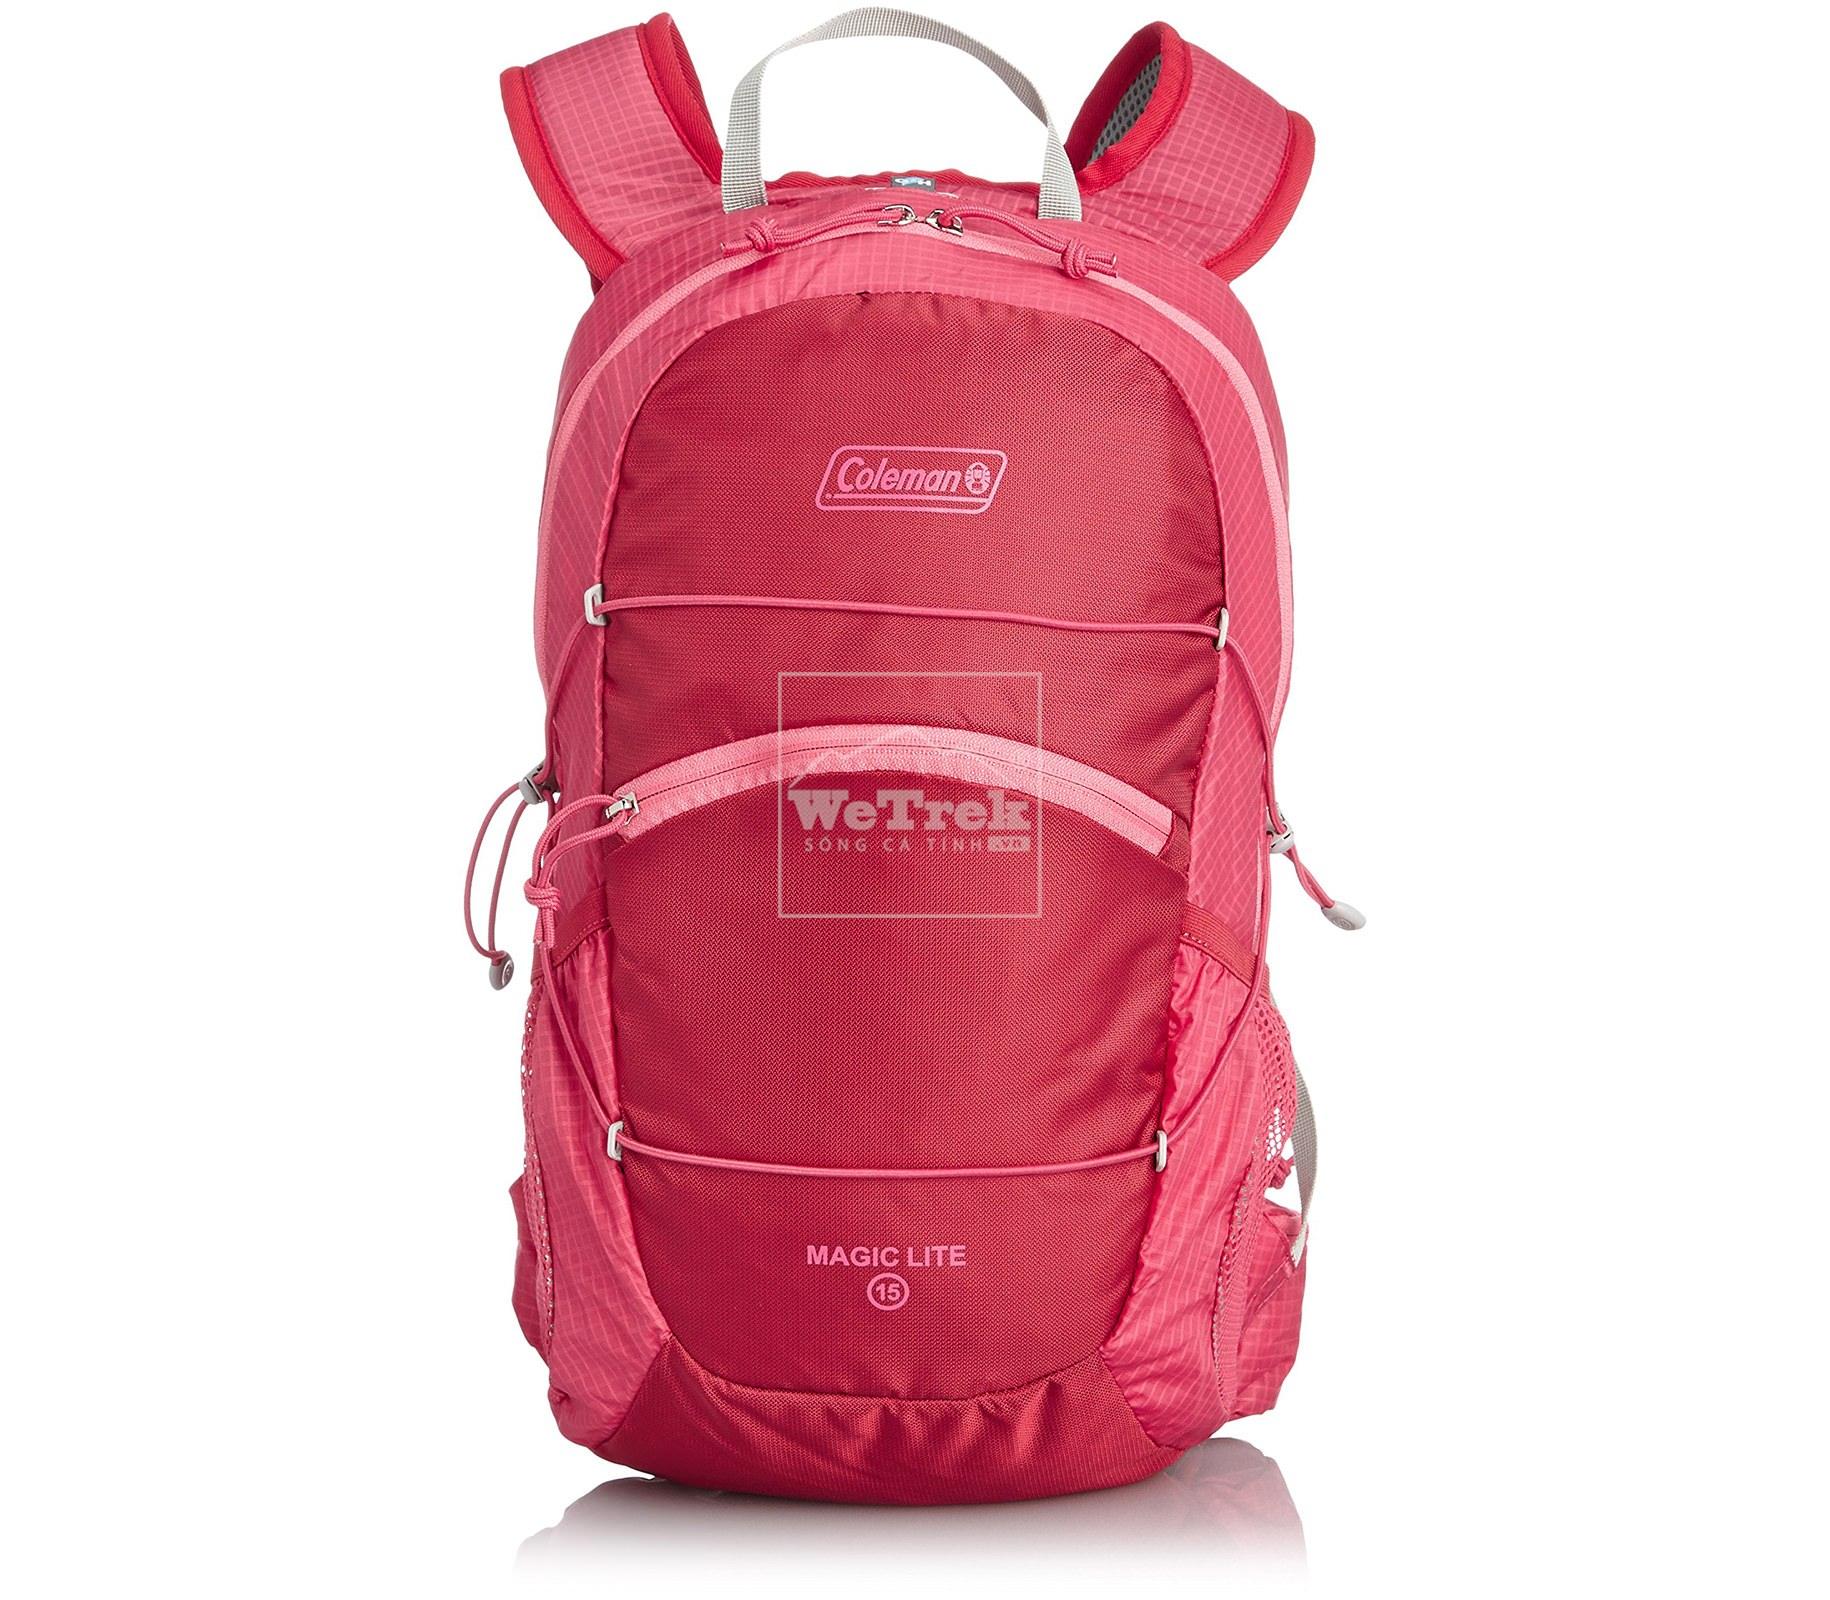 Ba lô 15L Coleman Magic Lite Pink Asia 2000021745 - 7597